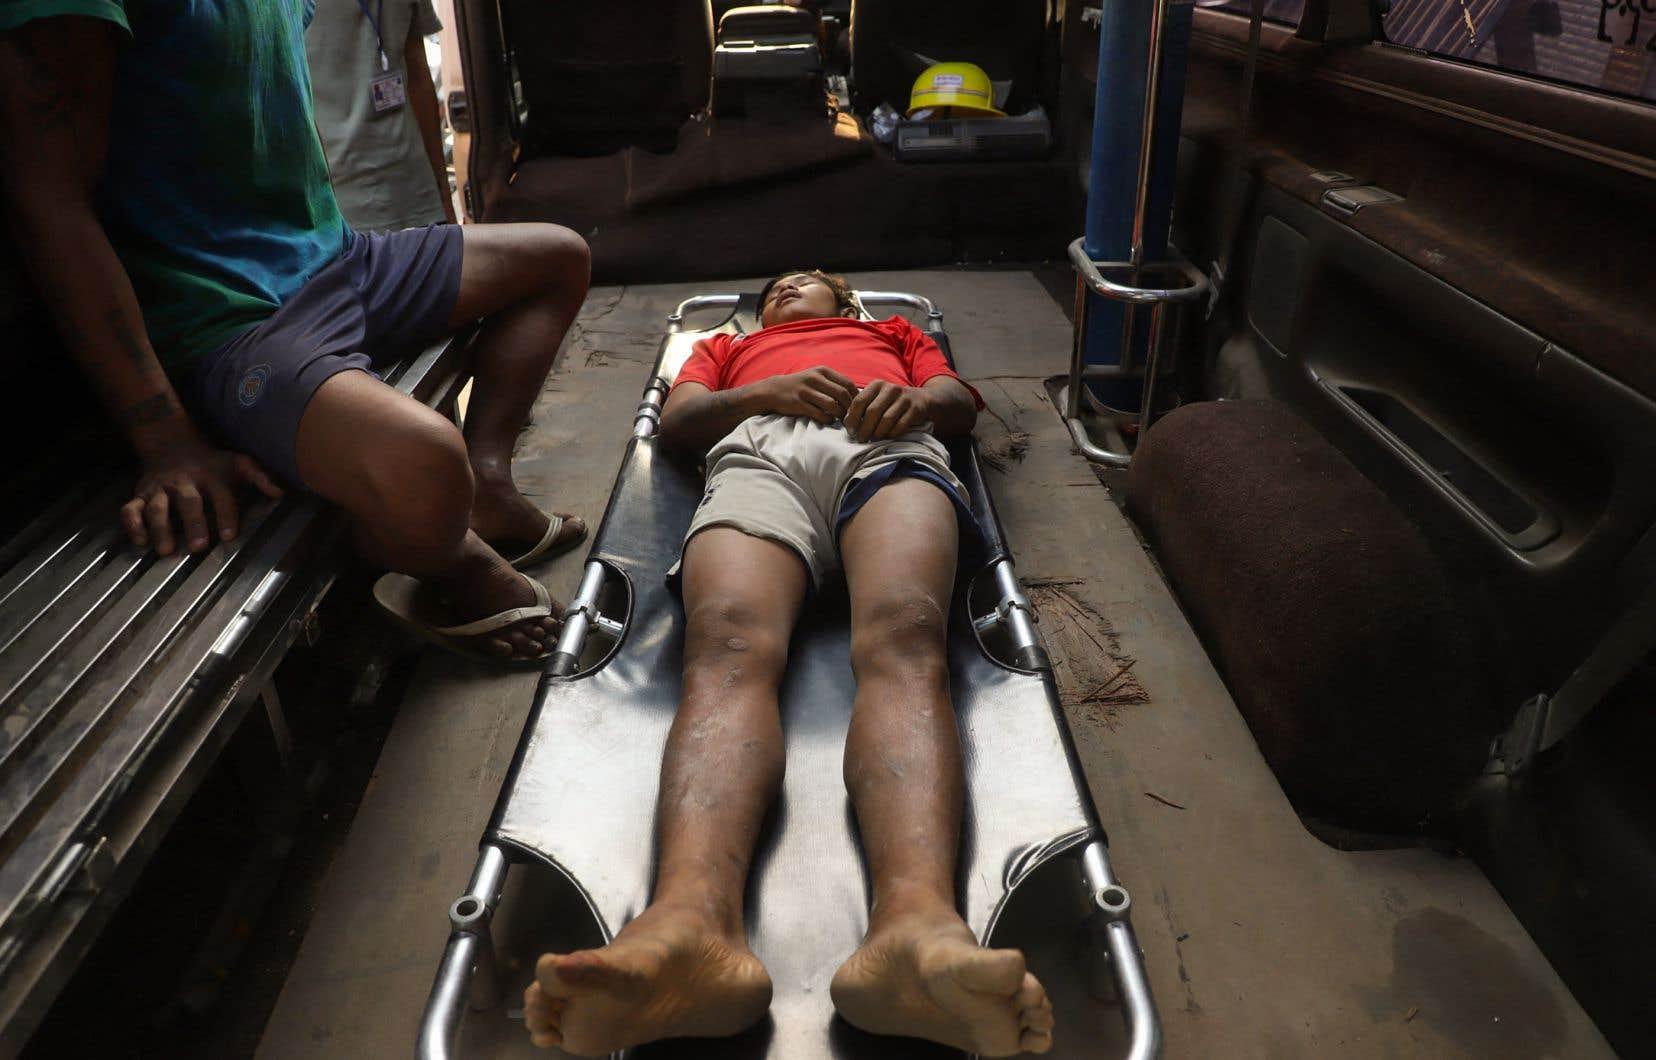 <p>Au moins 614 civils ont été tués par les forces de sécurité lors des manifestations, selon l'Association d'assistance aux prisonniers politiques (AAPP).Mais le bilan pourrait être plus lourd.</p>